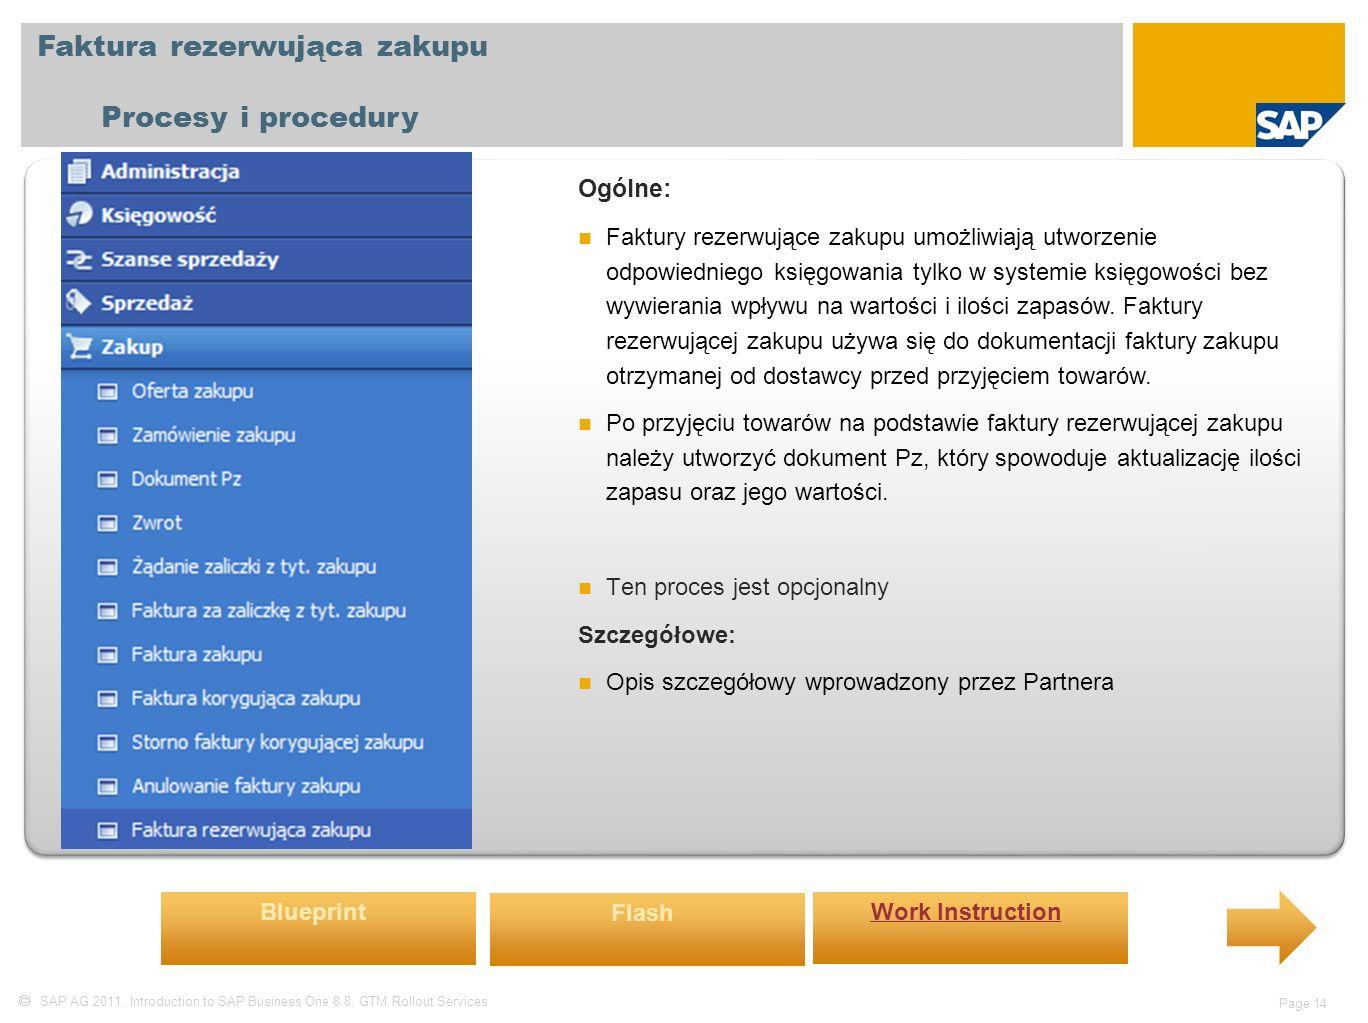  SAP AG 2011, Introduction to SAP Business One 8.8, GTM Rollout Services Page 14 Faktura rezerwująca zakupu Procesy i procedury Ogólne: Faktury rezerwujące zakupu umożliwiają utworzenie odpowiedniego księgowania tylko w systemie księgowości bez wywierania wpływu na wartości i ilości zapasów.